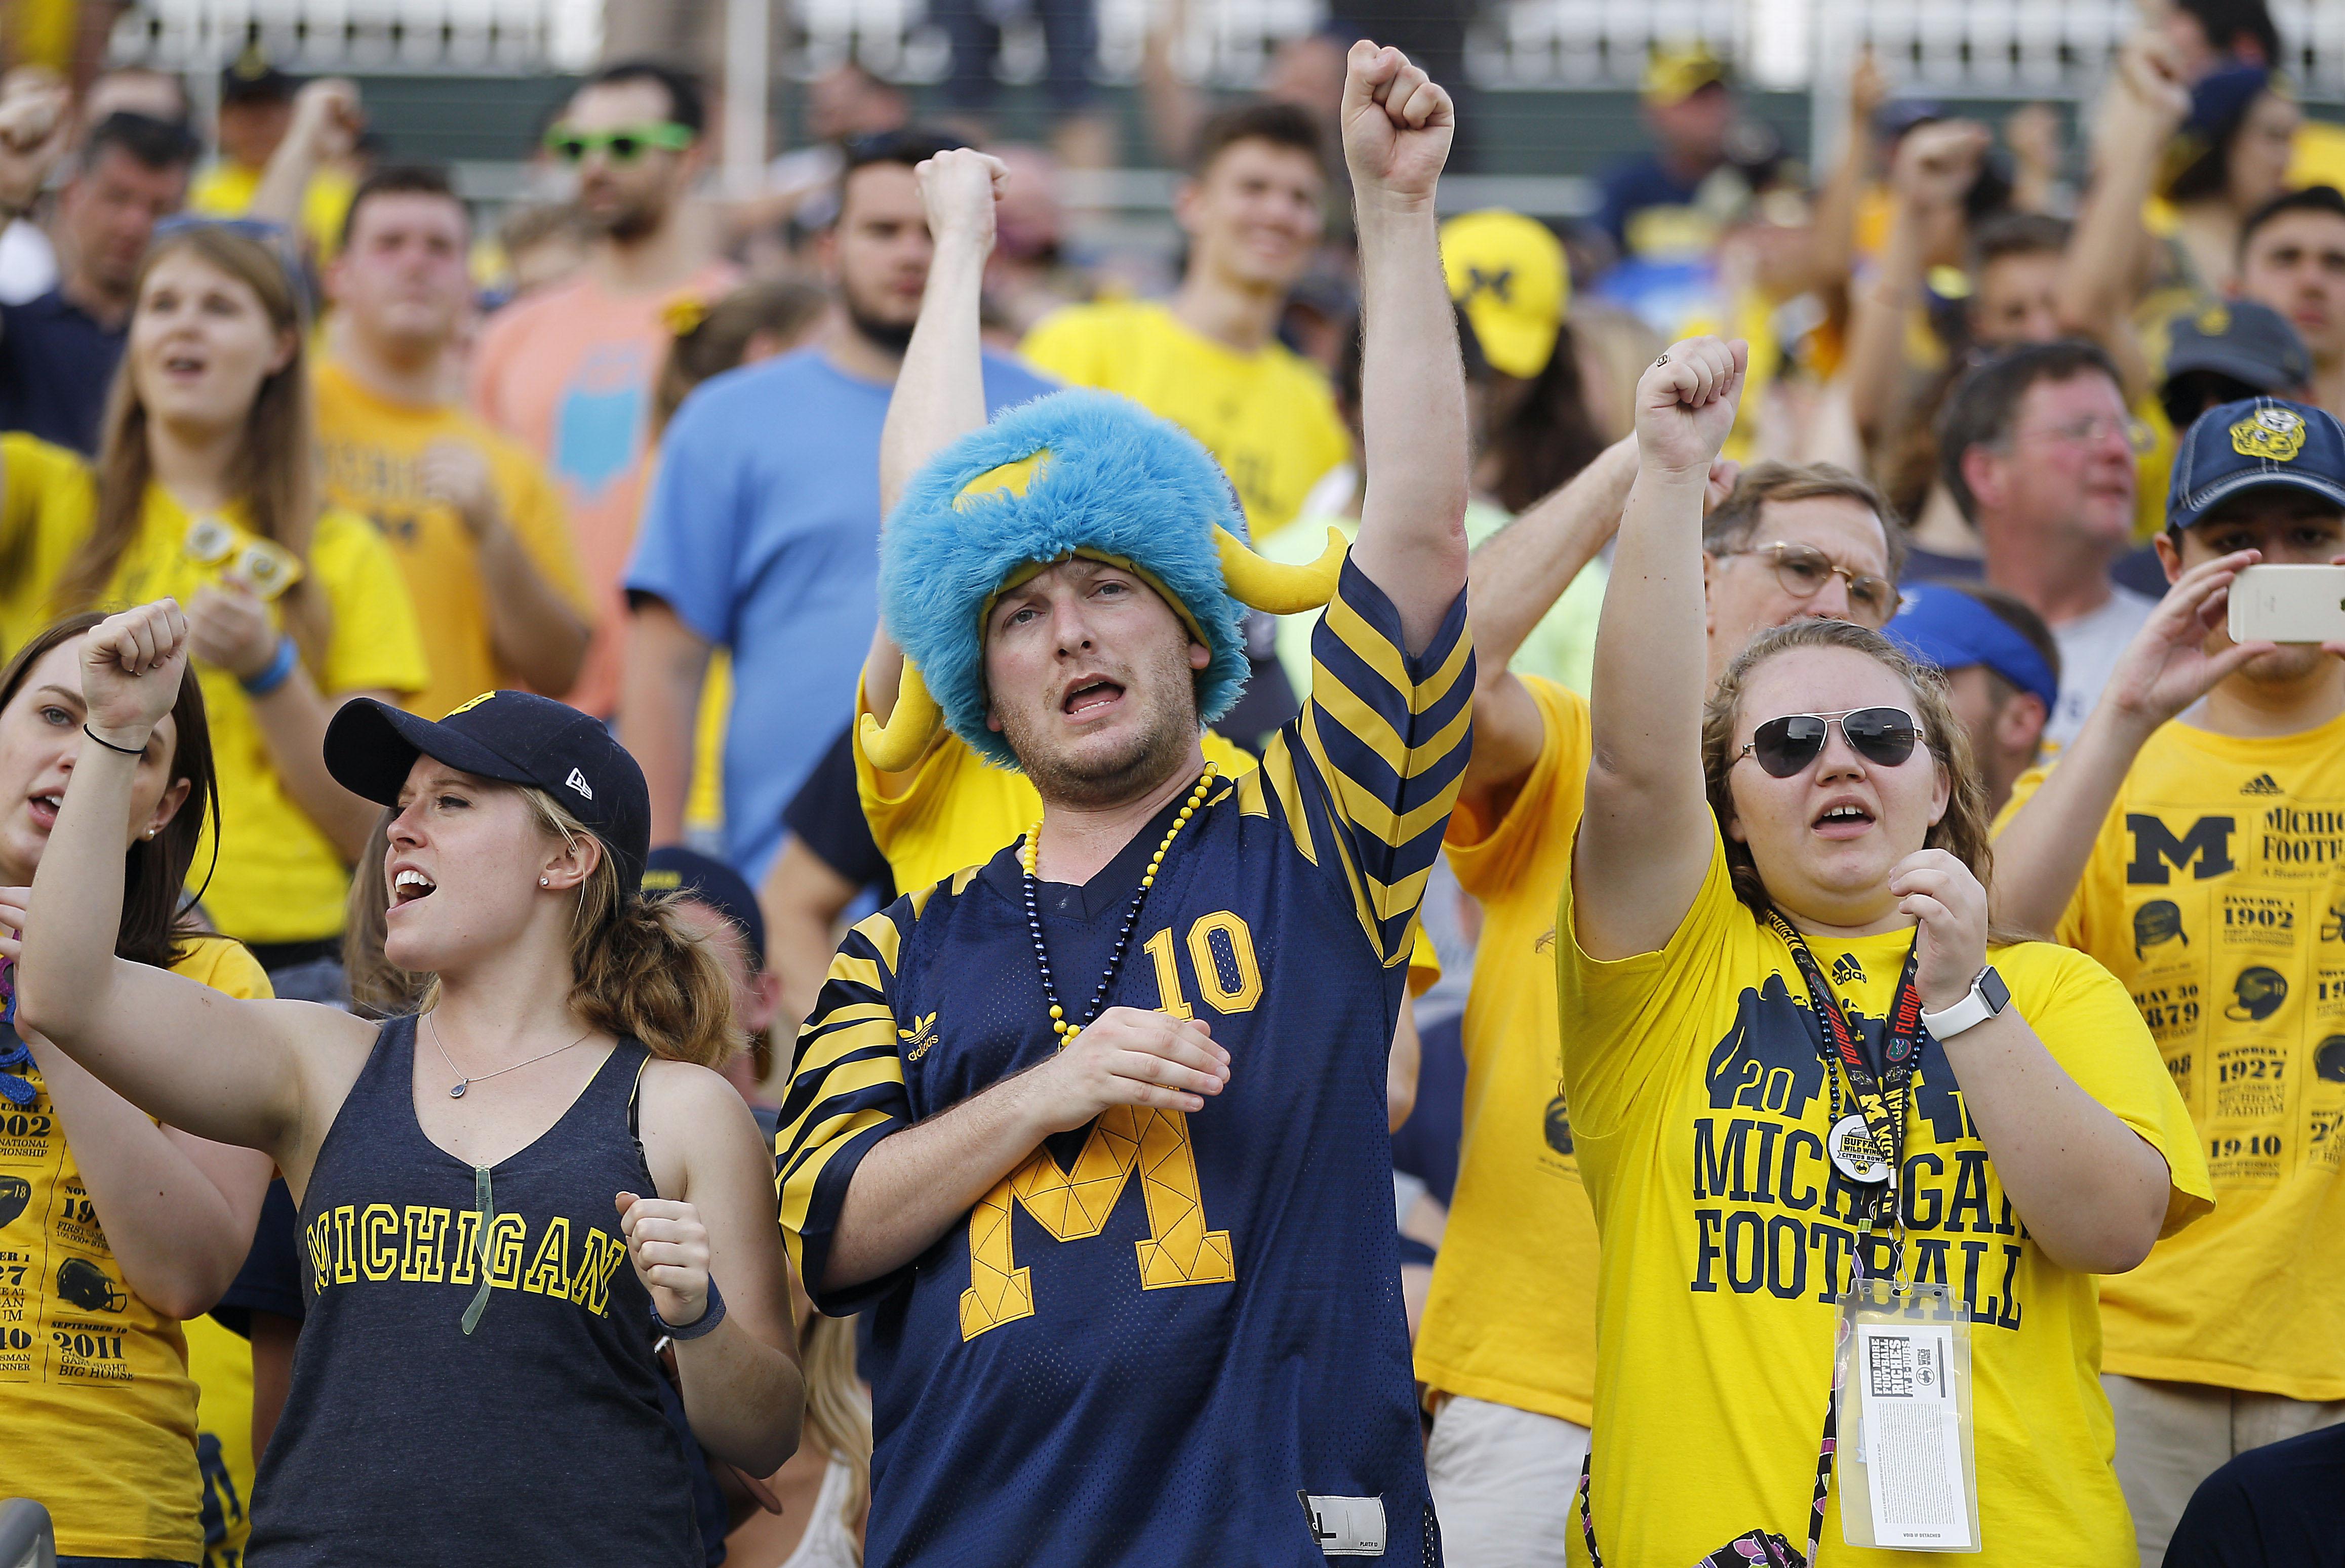 Jangle those keys, Michigan Men. (And women.)